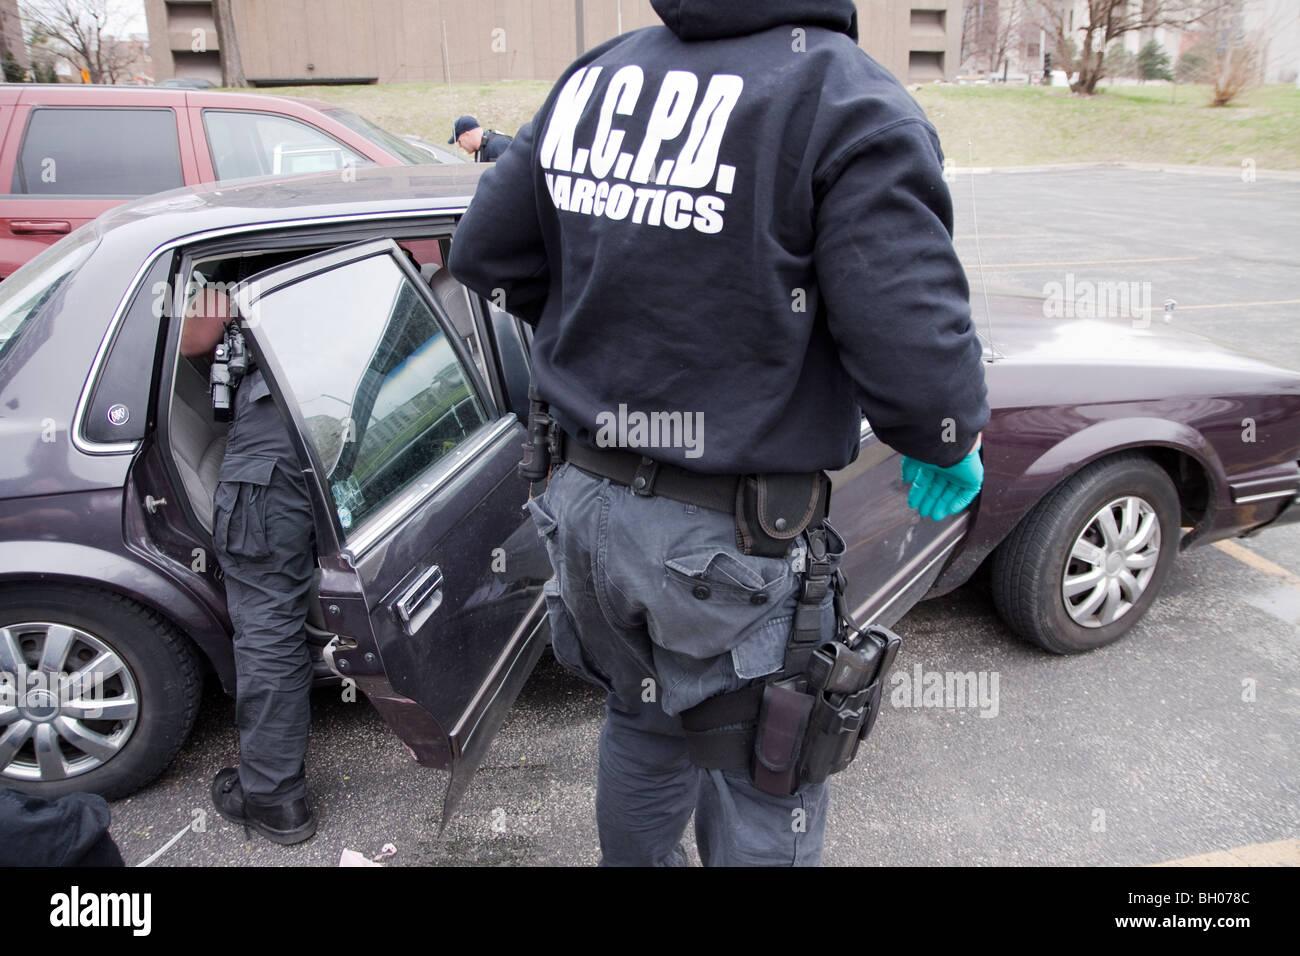 La policía buscando el vehículo del traficante de drogas sospechosos tras detener al conductor. Imagen De Stock